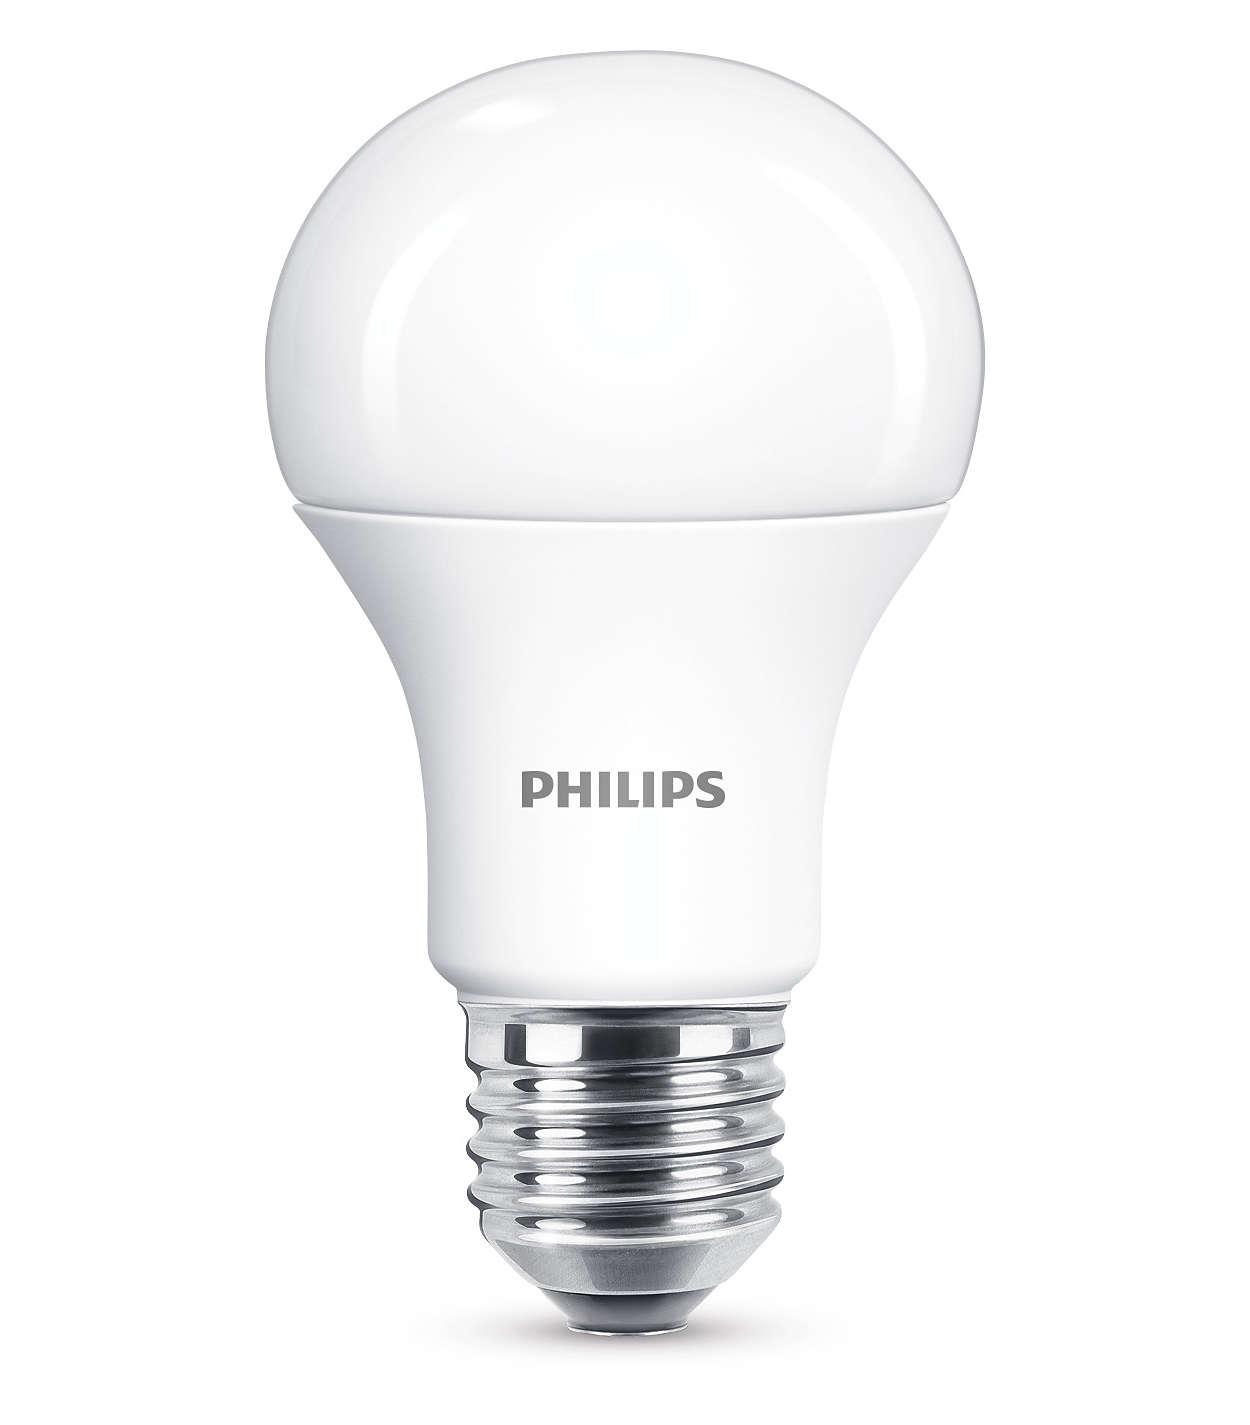 Erleben Sie dimmbares, warmweißes LED-Licht